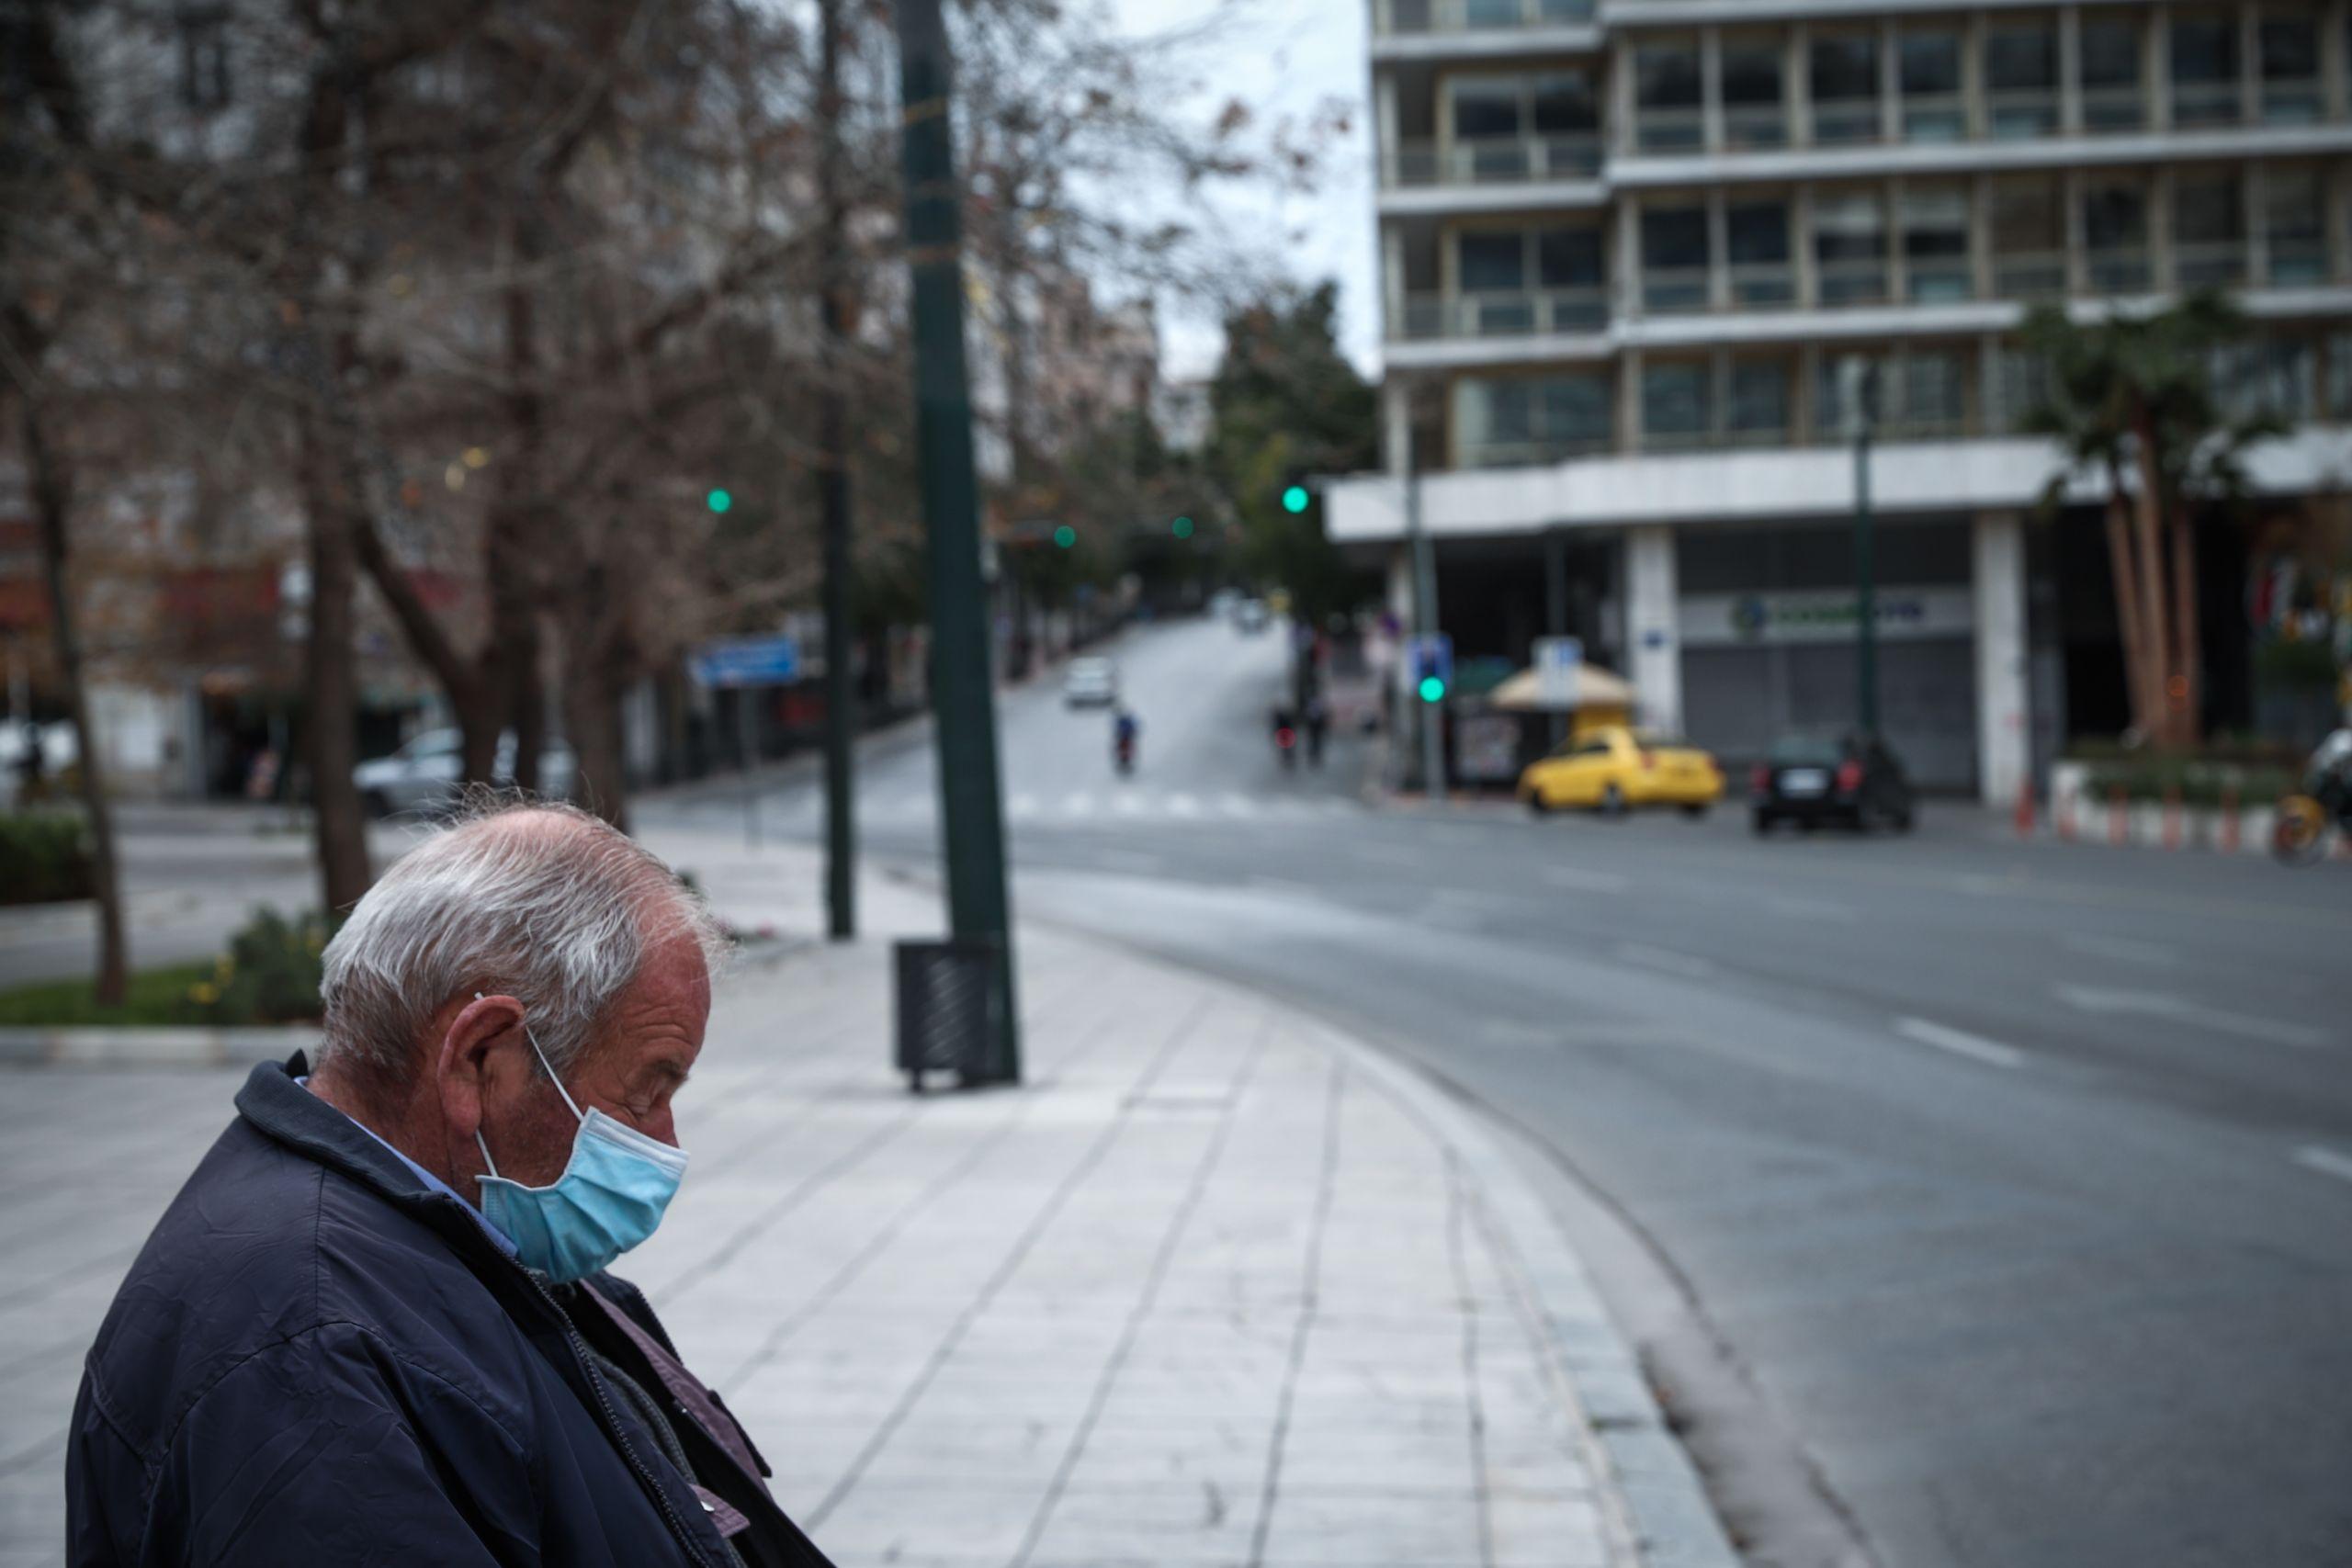 Θωμαΐδης: Αύξηση στο ιικό φορτίο στα λύματα της Αττικής